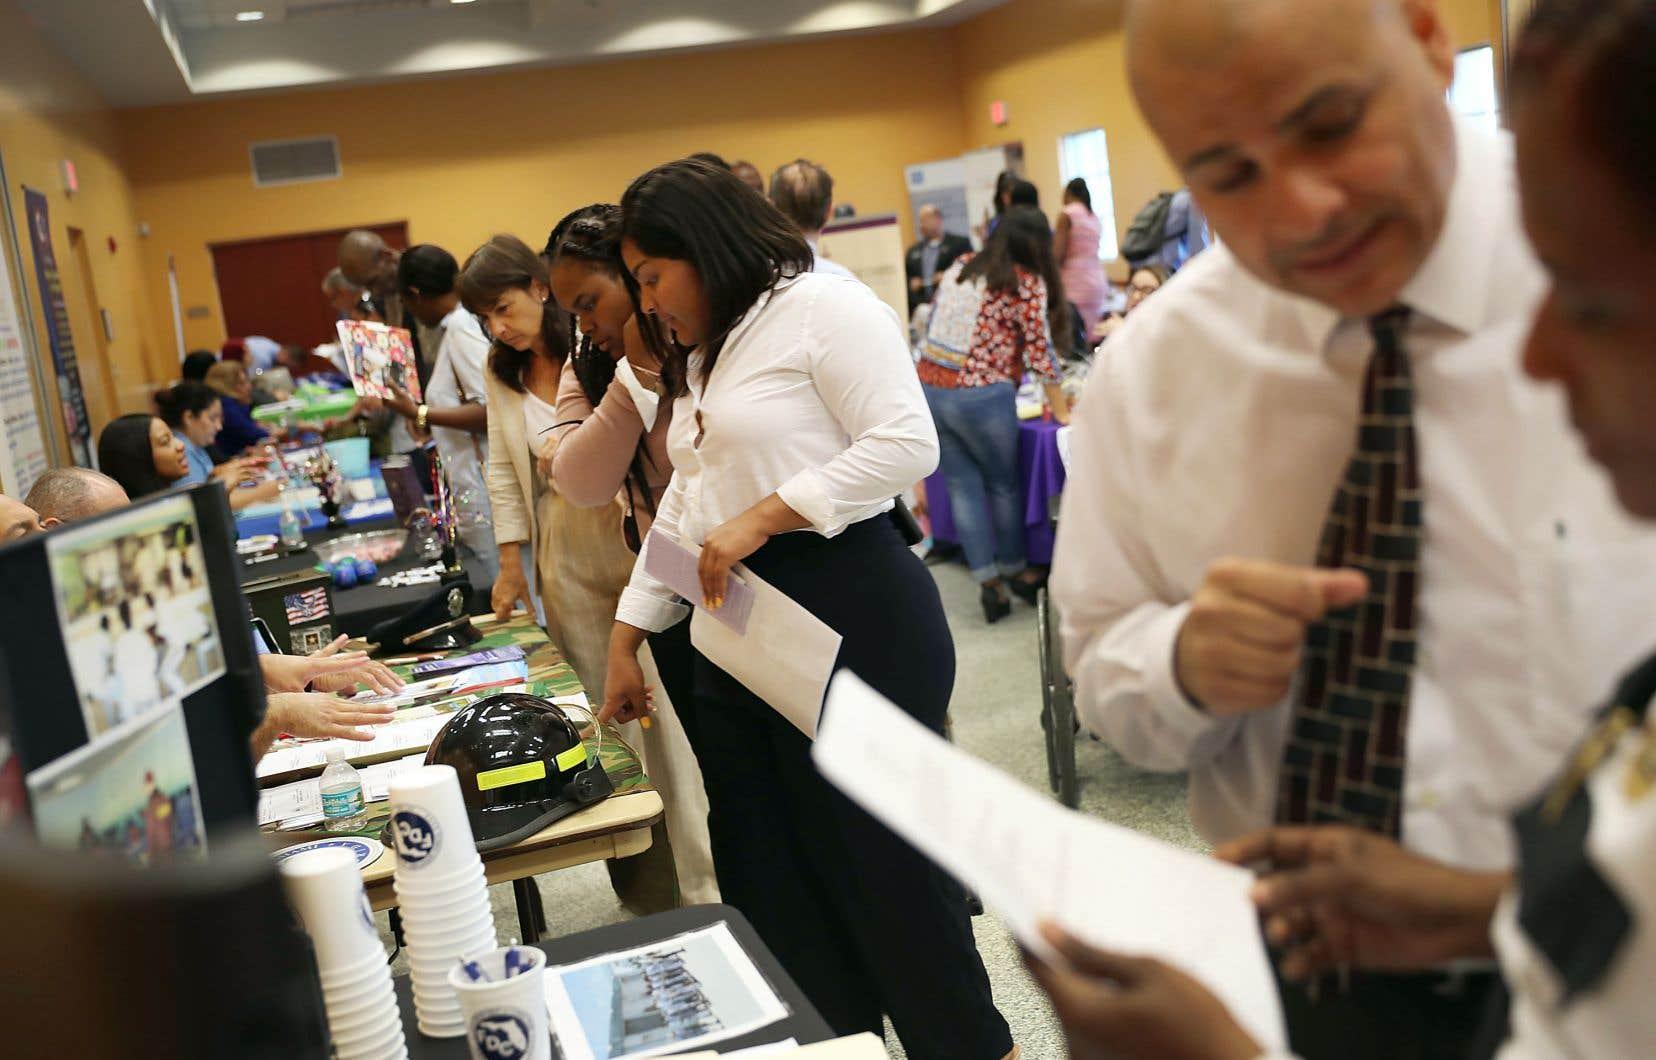 Des travailleurs participaient à une foire d'emploi, vendredi à Miami.